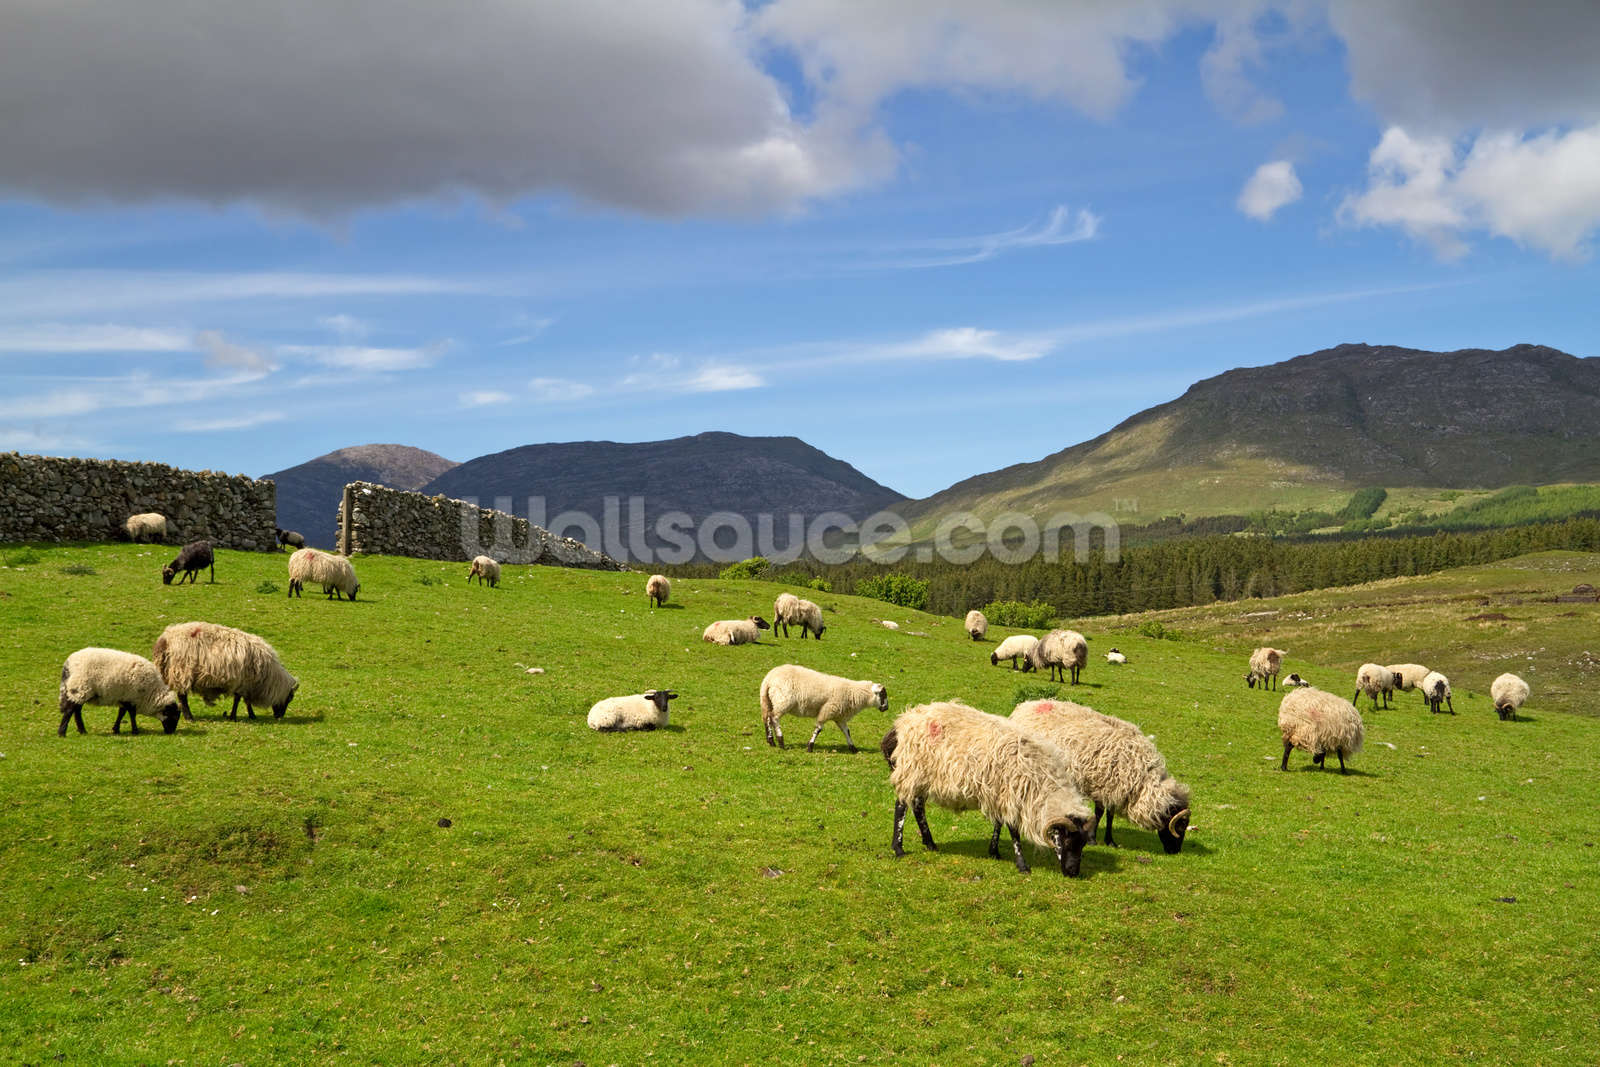 sheep grazing wallpaper mural wallsauce ussheep grazing wallpaper mural